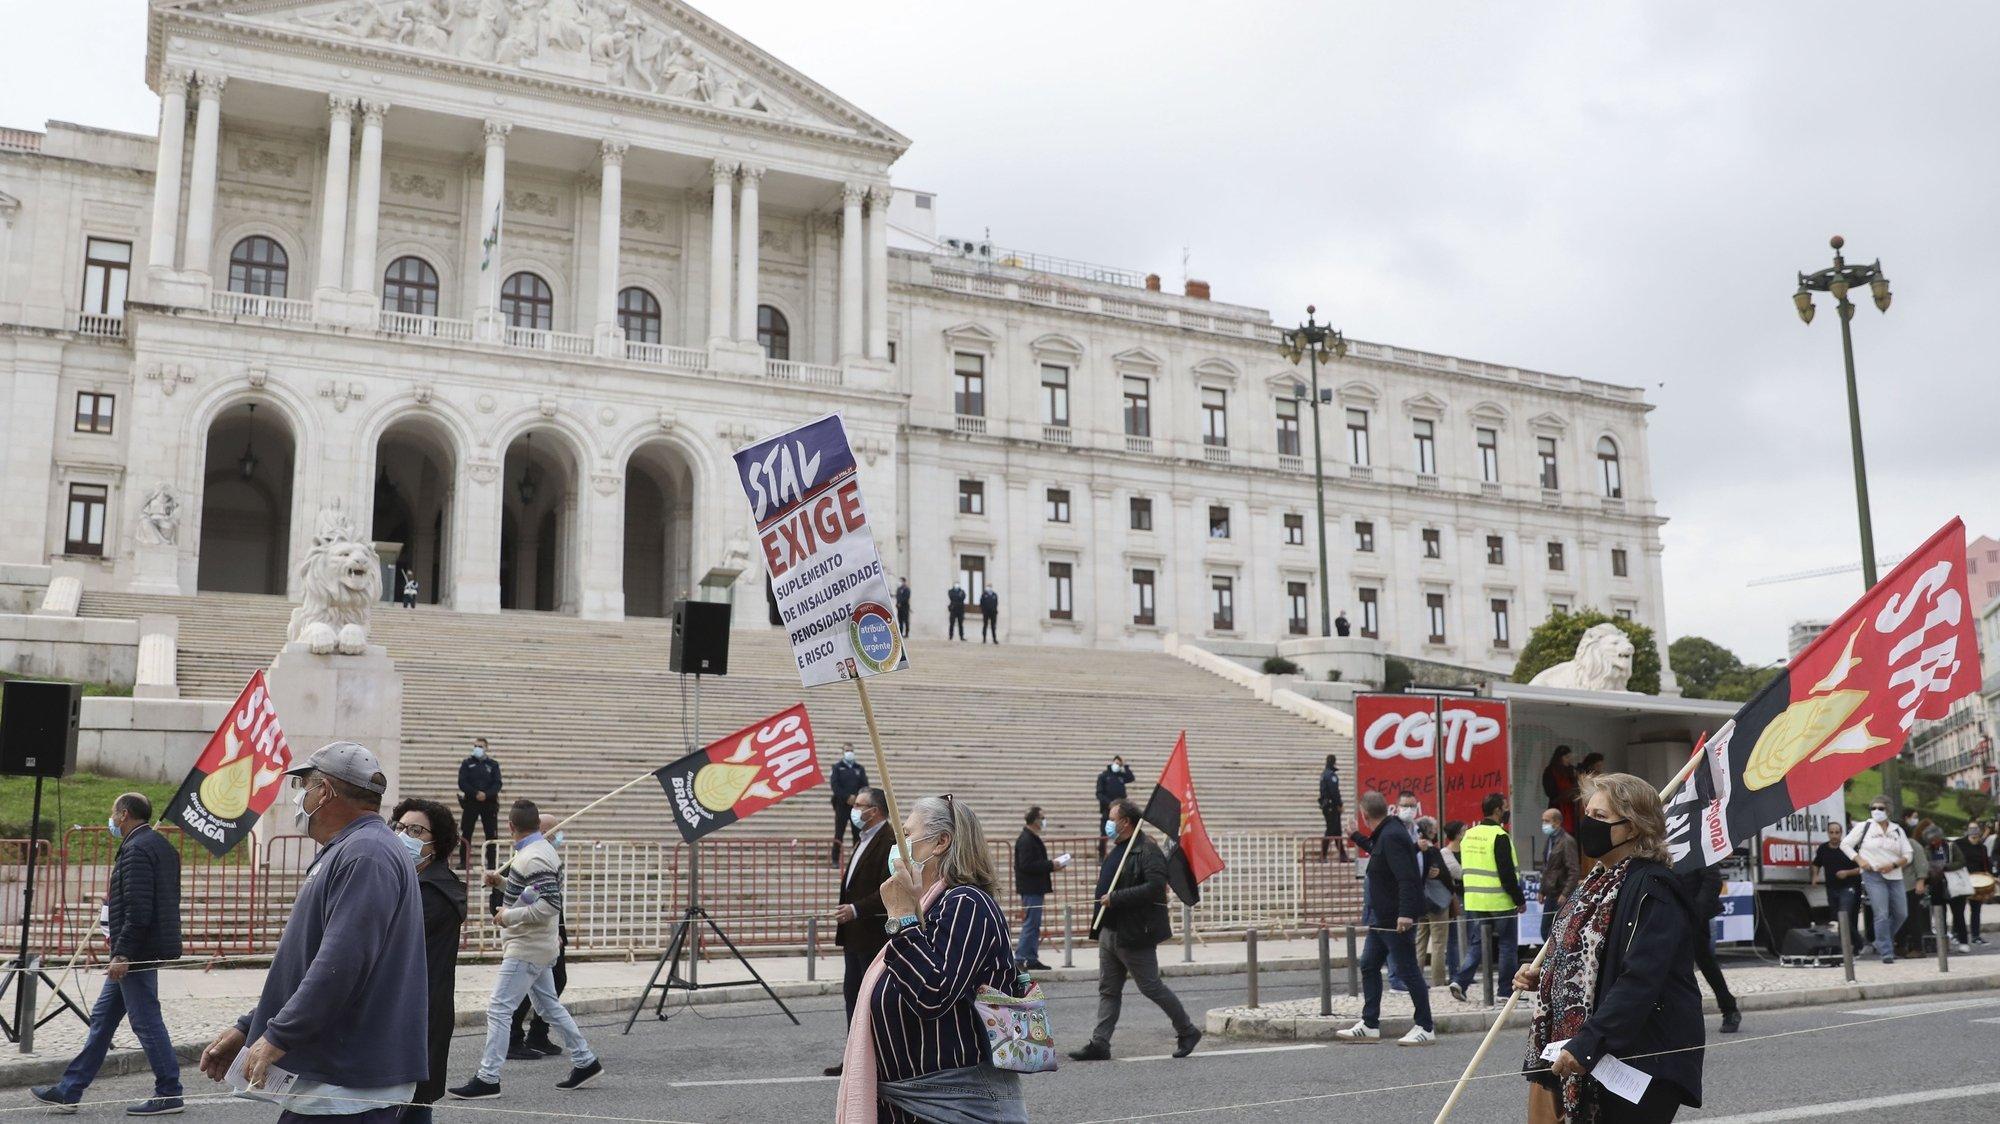 """Manifestantes afetos à Frente Comum de Sindicatos da Administração Pública participam no protesto com o lema """"Frente Comum em Luta"""", como resposta a """"um Orçamento do Estado para 2021 (OE2021) que não responde às reivindicações dos trabalhadores"""", em Lisboa, 13 de novembro de 2020. ANTÓNIO COTRIM/LUSA"""